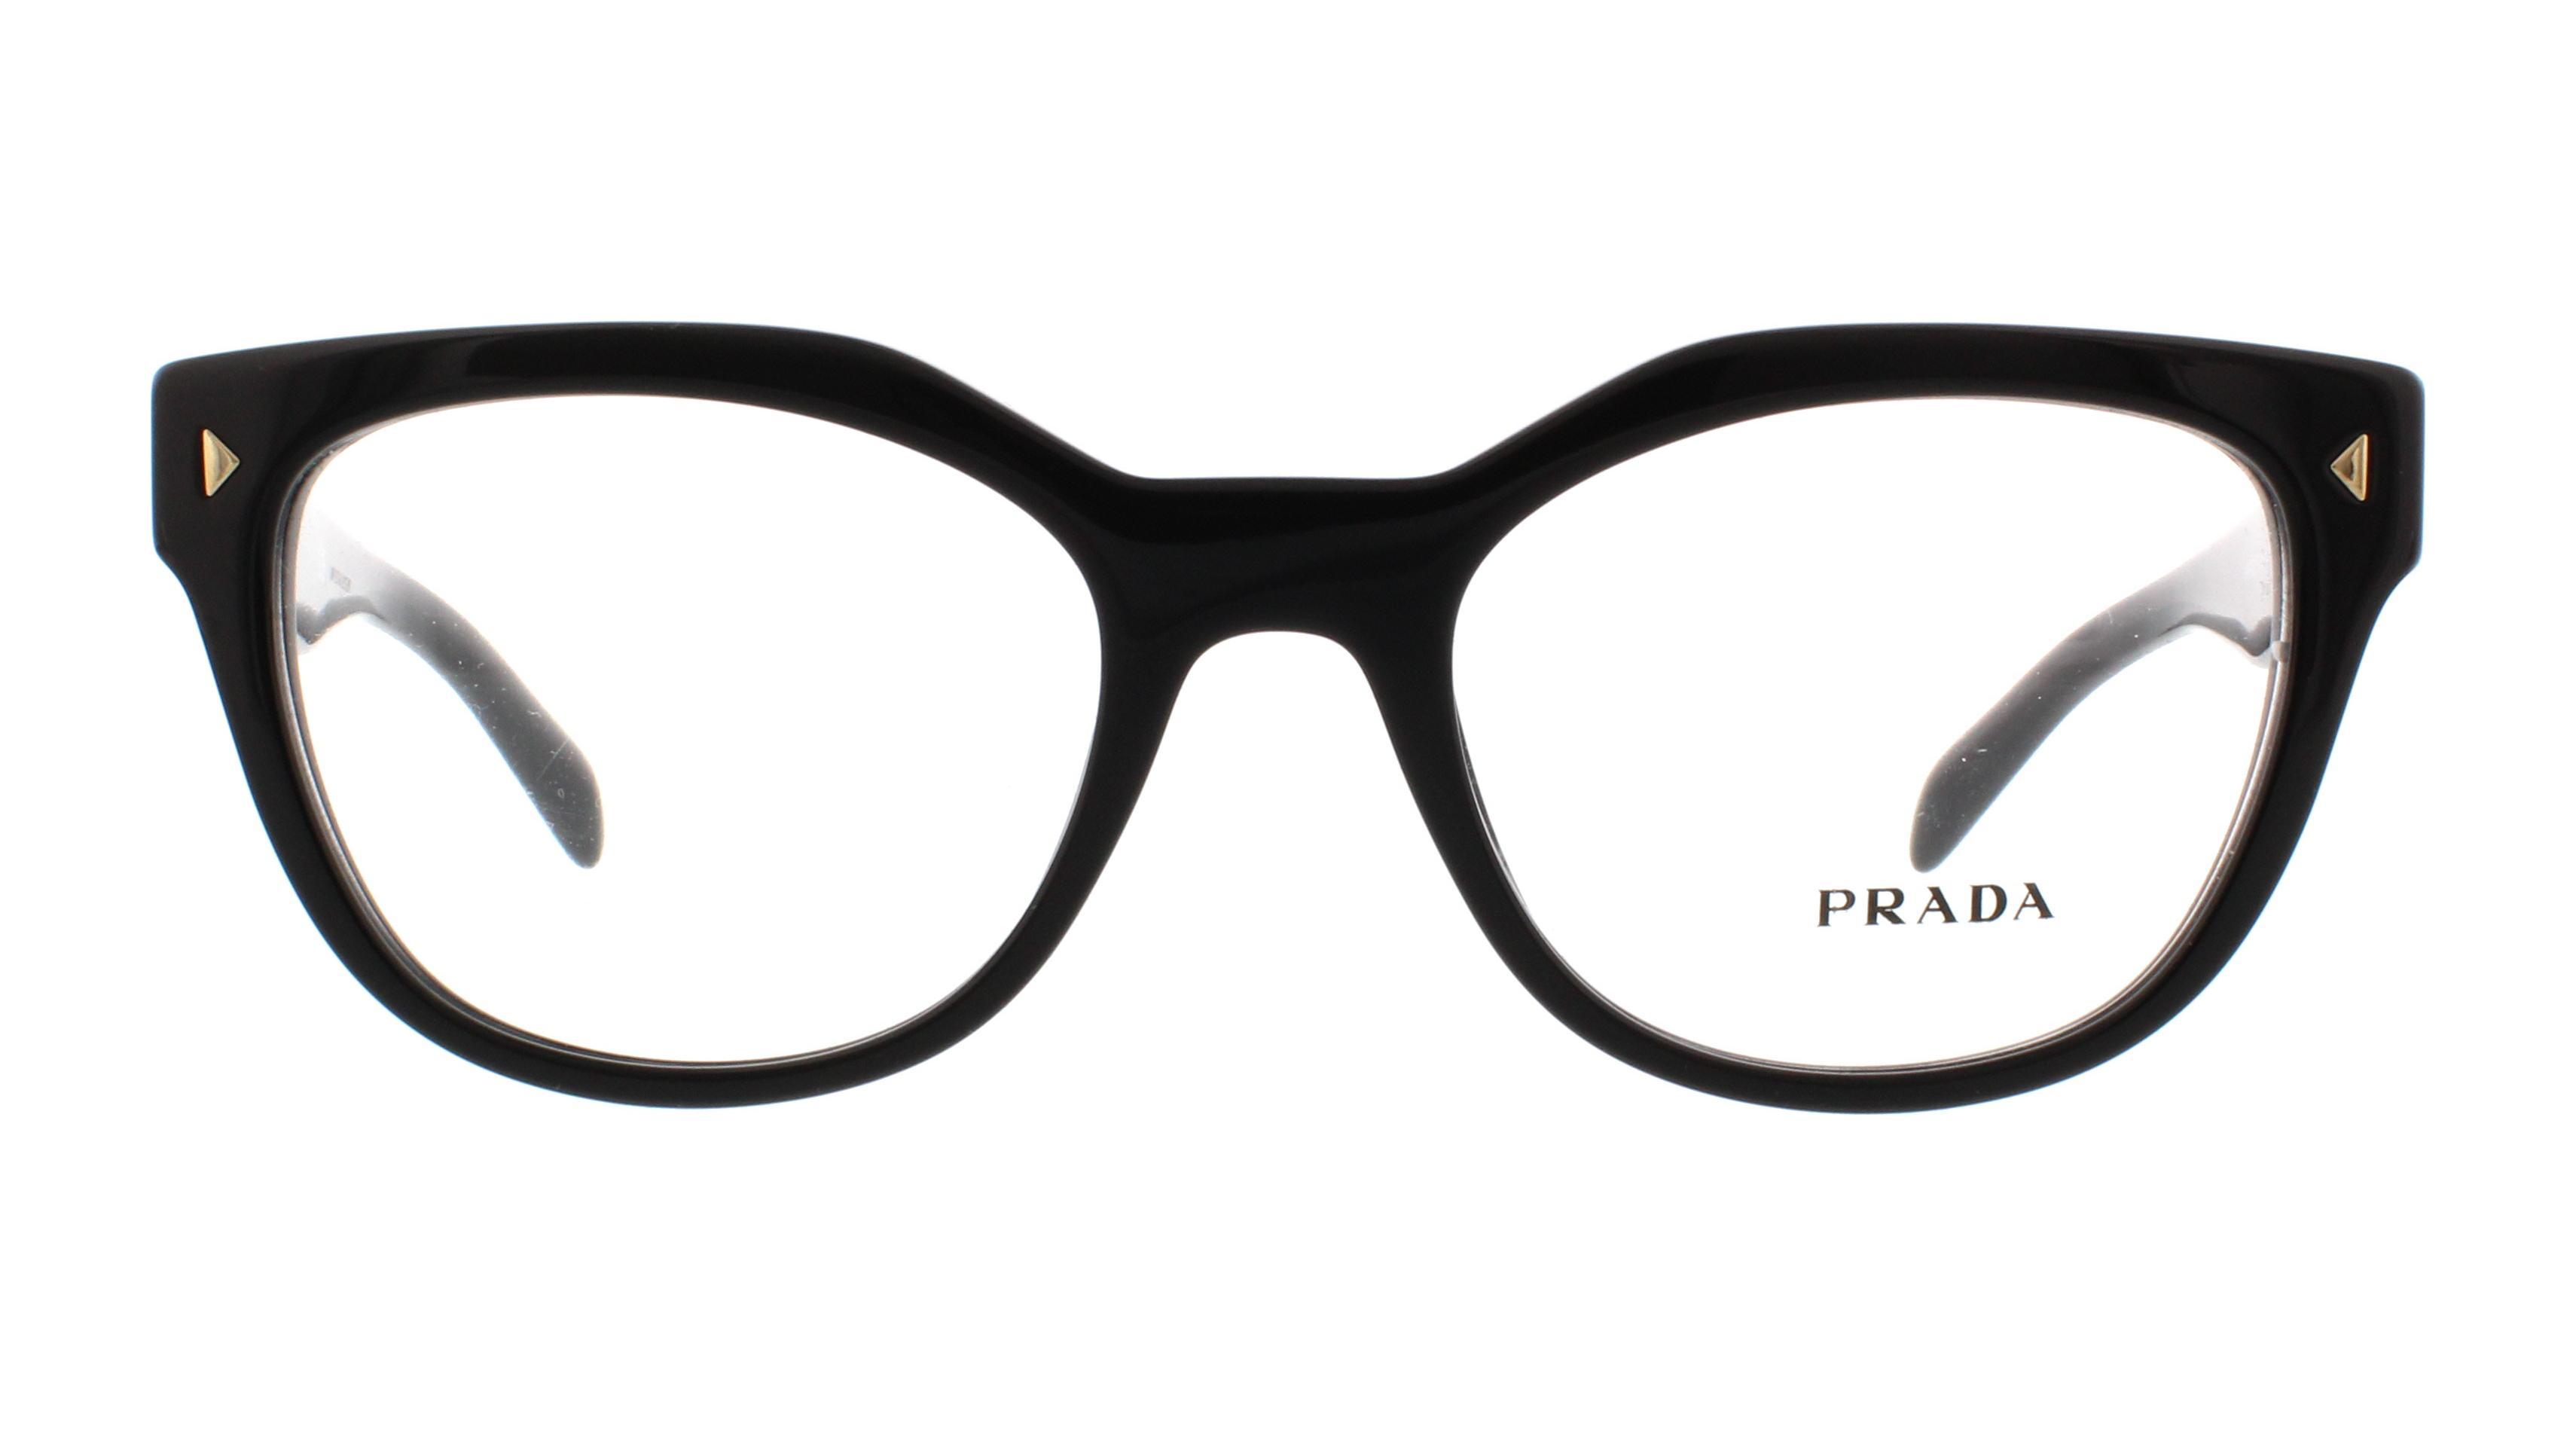 7cfeb7a9210 PRADA Eyeglasses PR 21SV 1AB1O1 Black 51MM - Walmart.com